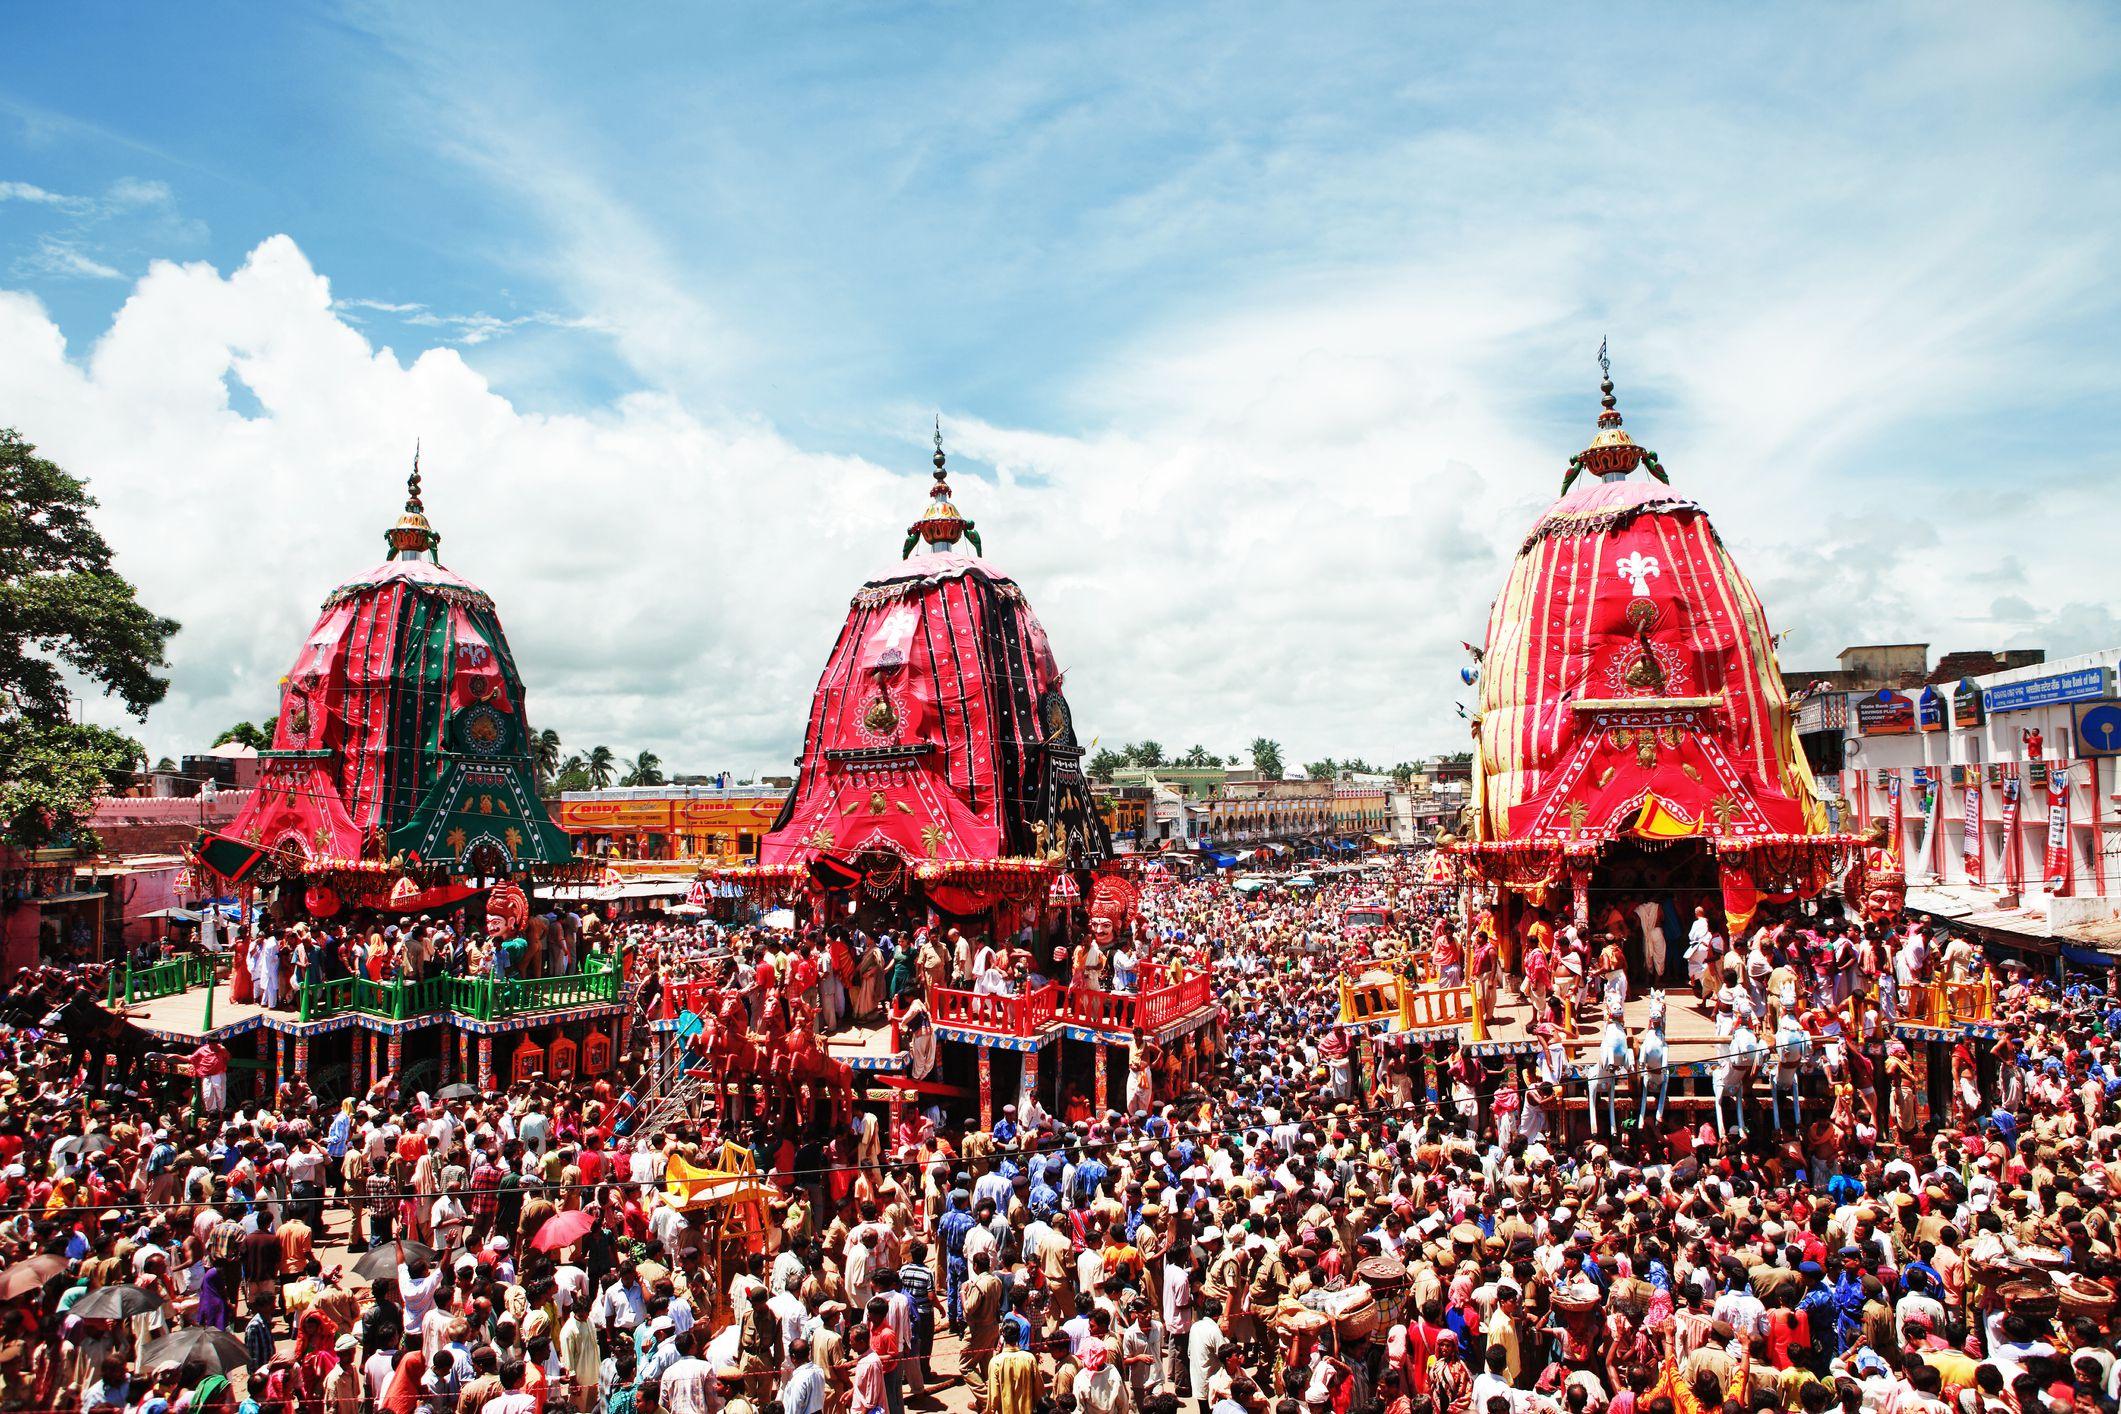 2020 Puri Ratha Yatra Festival: Essential Information